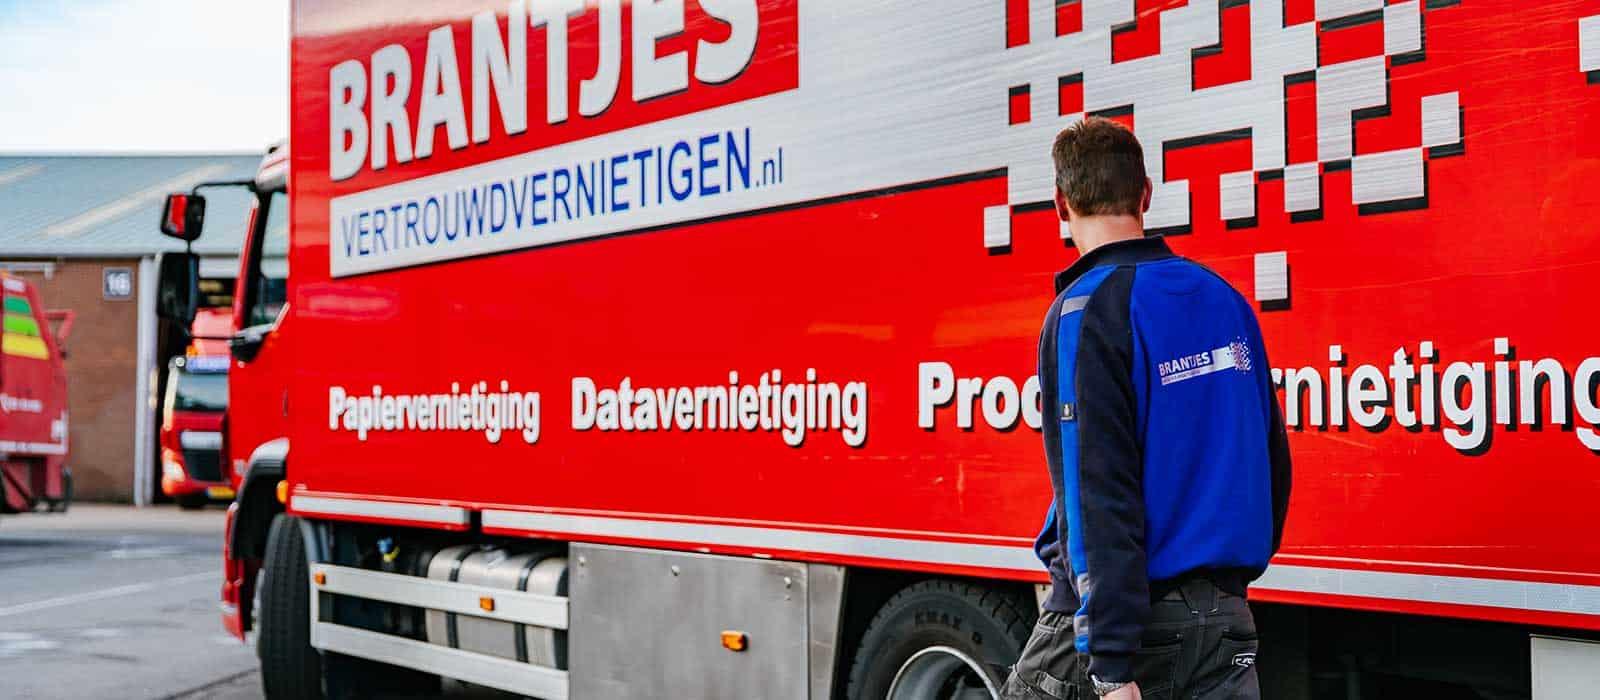 servicegebied-brantjes-data-vernietiging-nieuw-vennep